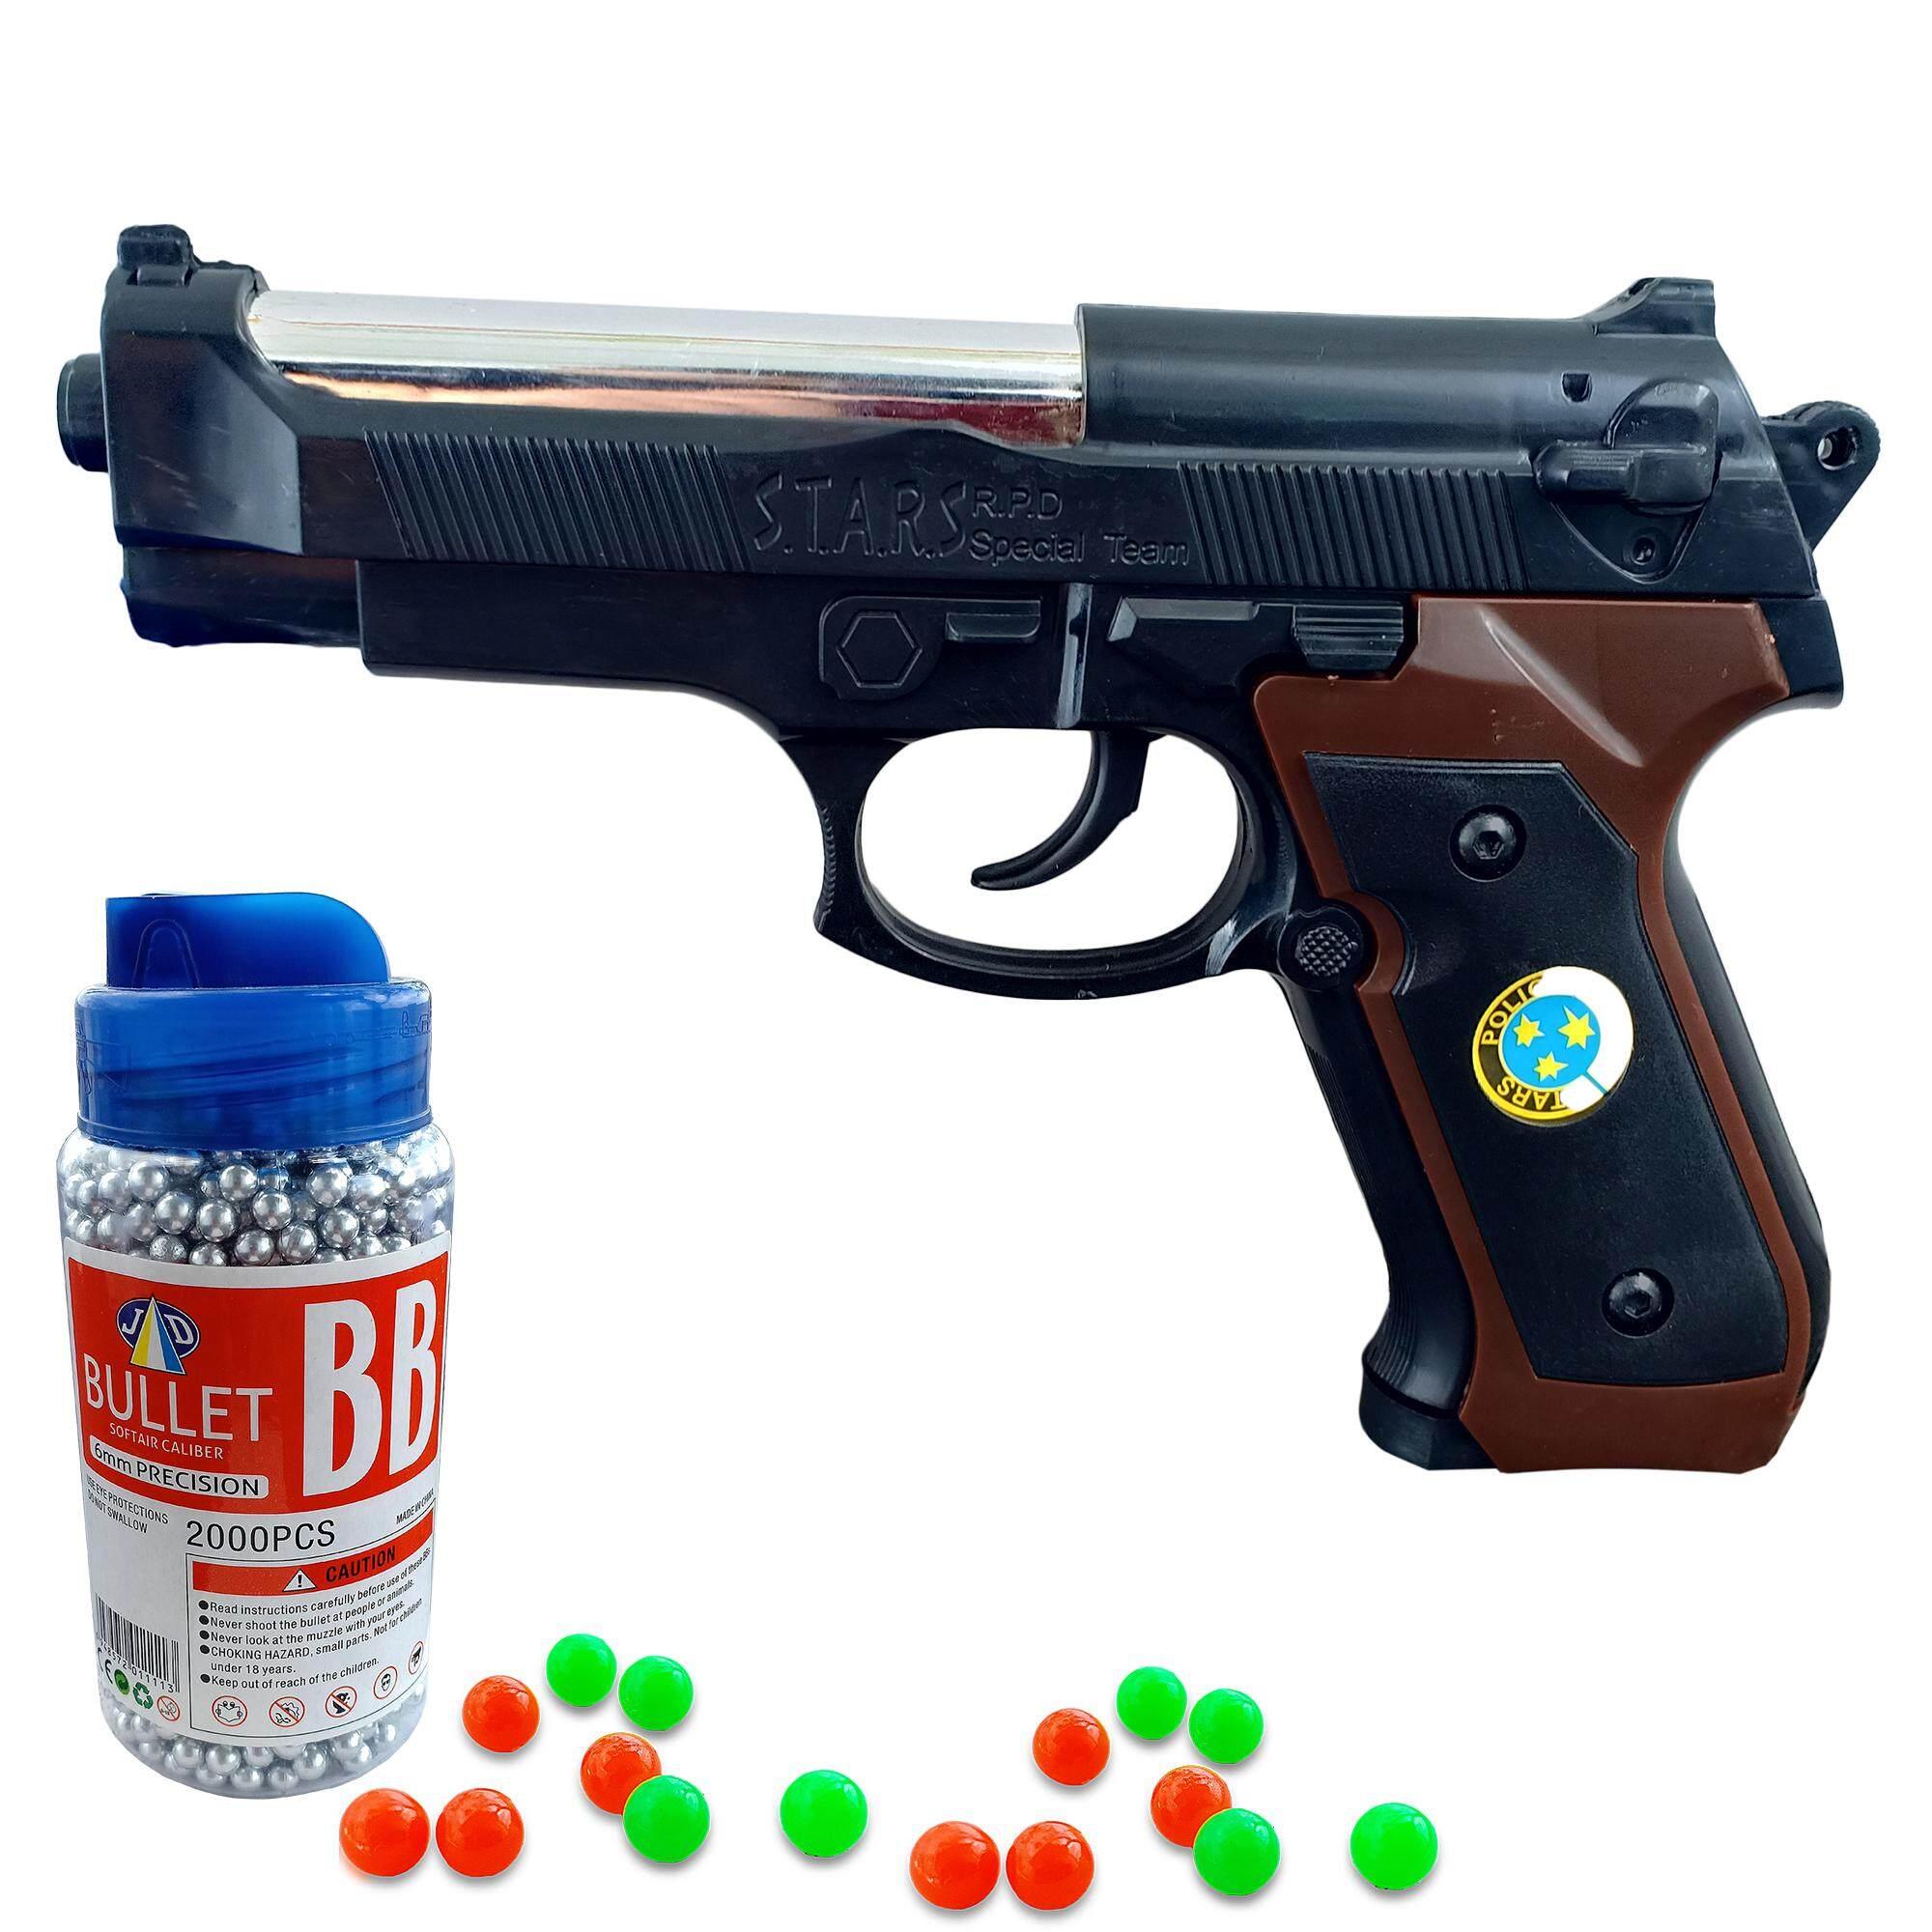 Pink Toys ปืนของเล่น ปืนอัดลม ปืนบีบีกัน บอดี้พลาสติก งานสวย ระยะยิง 8-10m แถมกระสุน 100 พร้อมเล่น By Pink Toys.